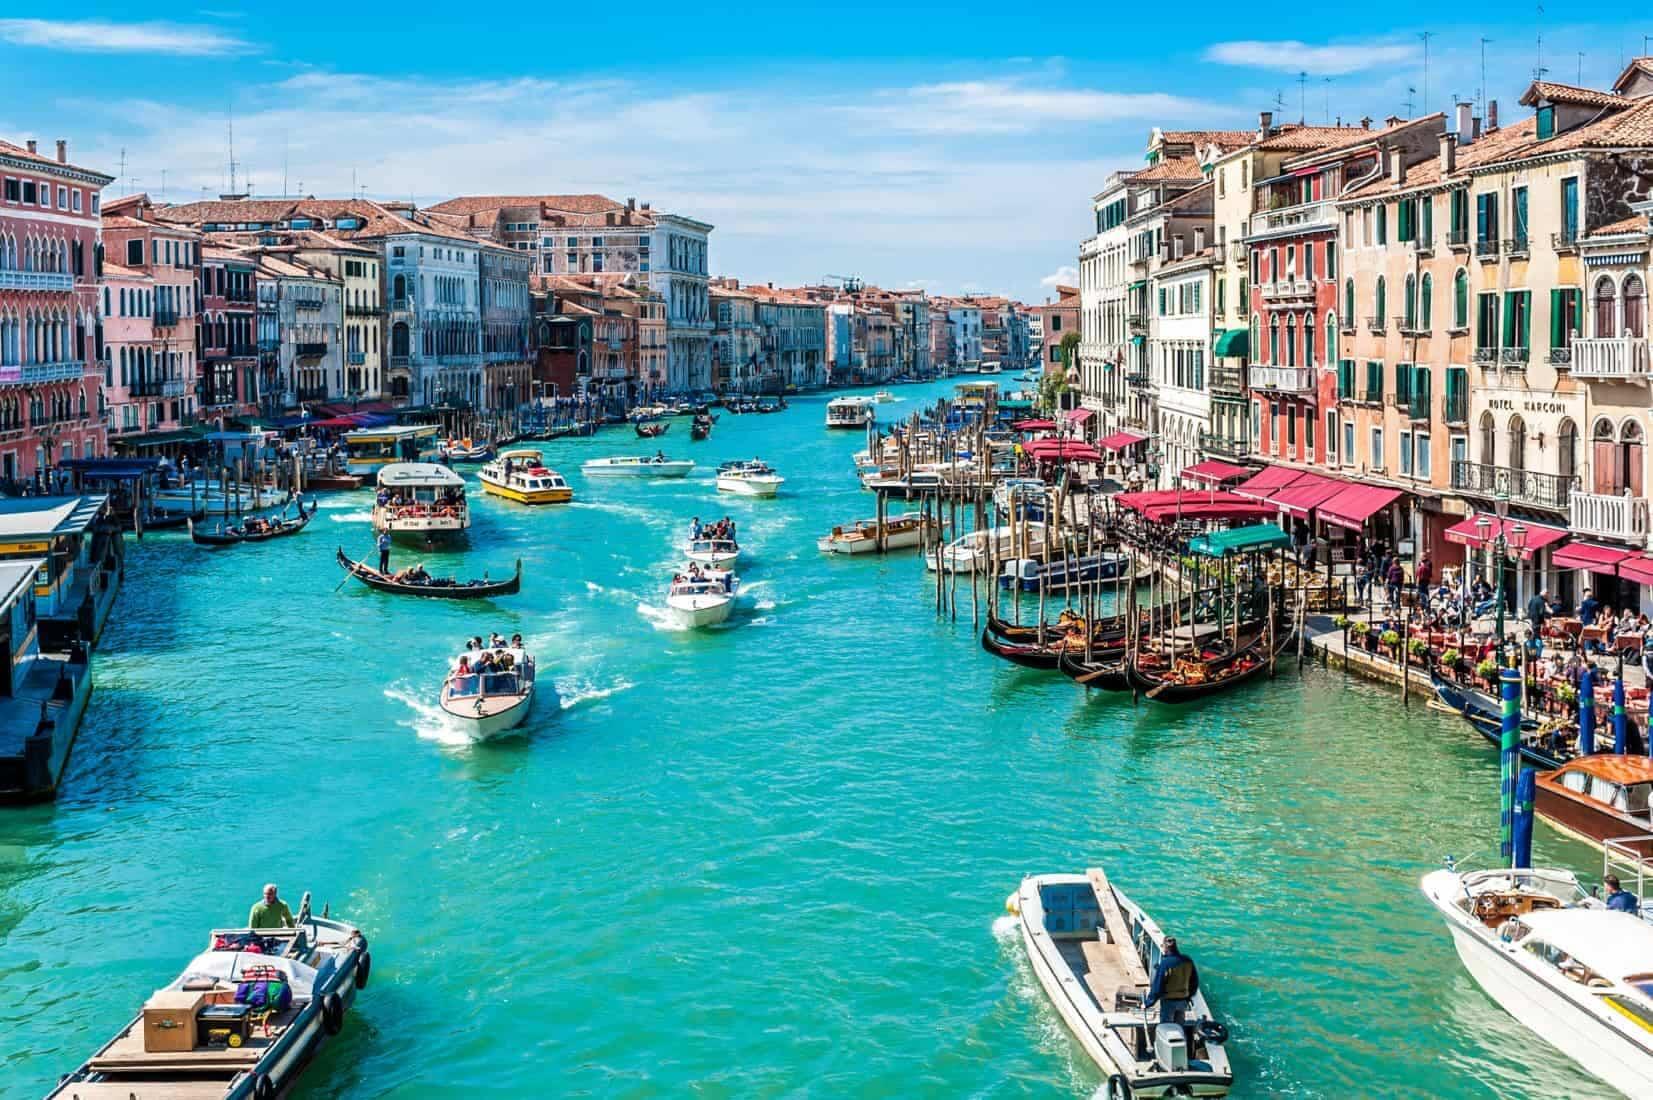 Venezia Grande Canal